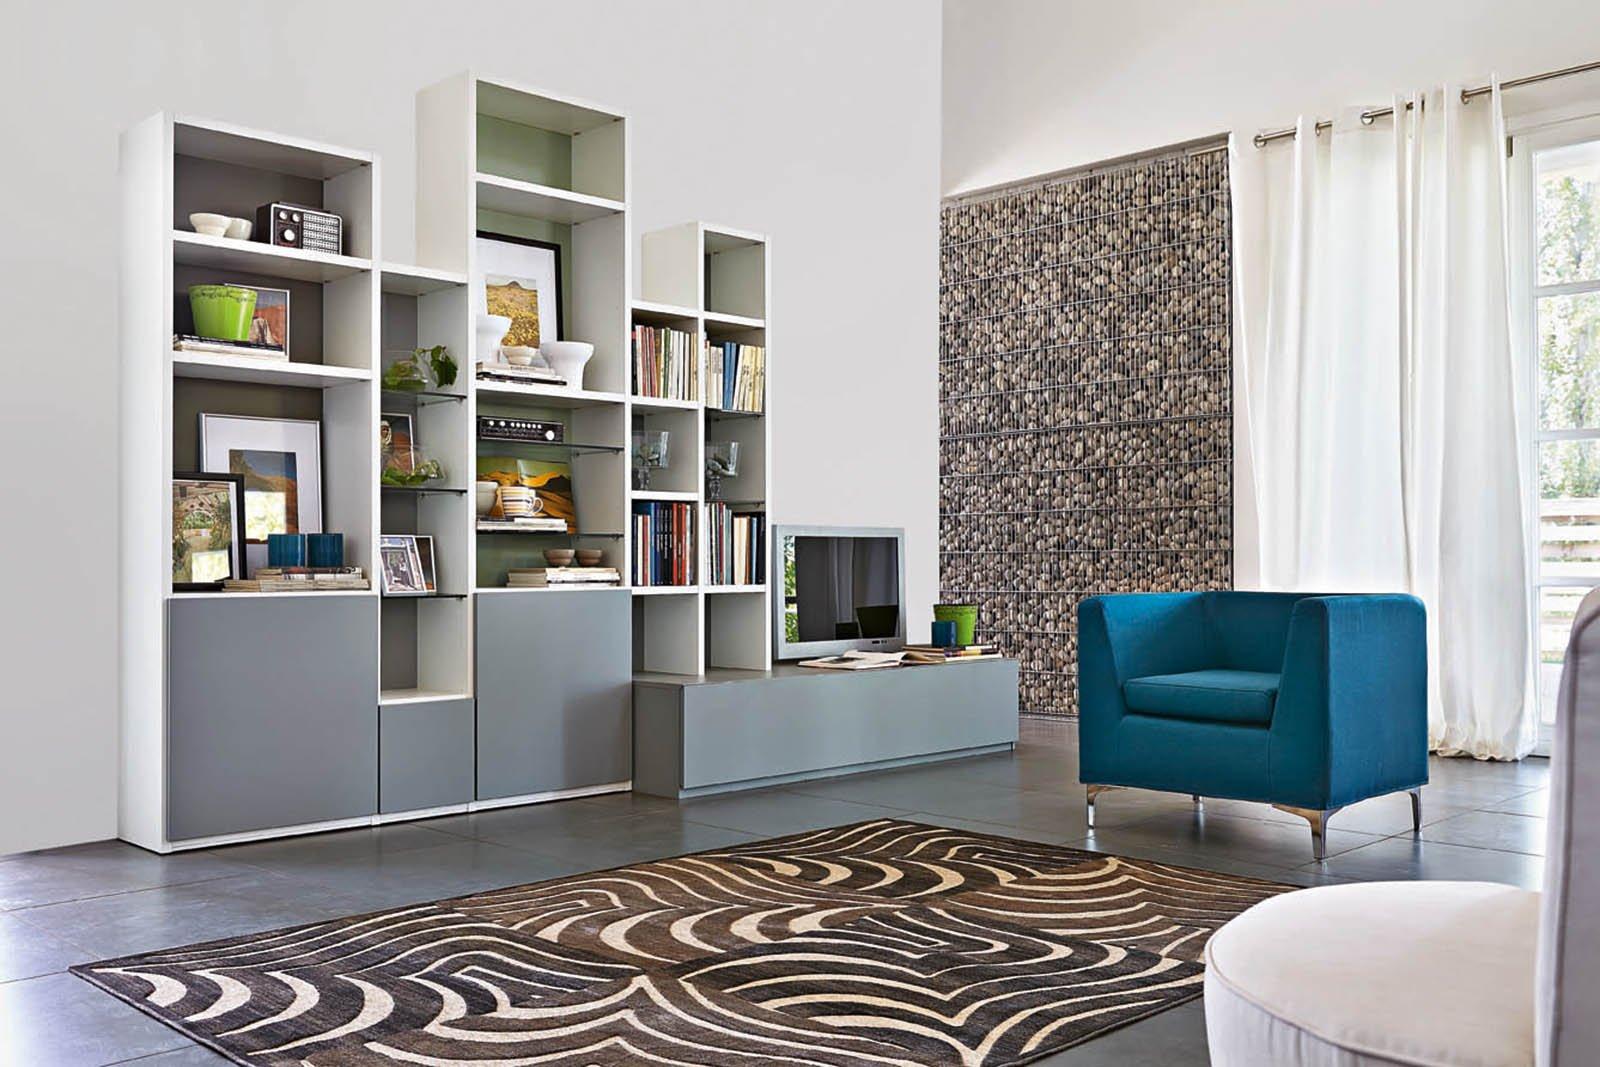 Librerie componibili: i mobili più